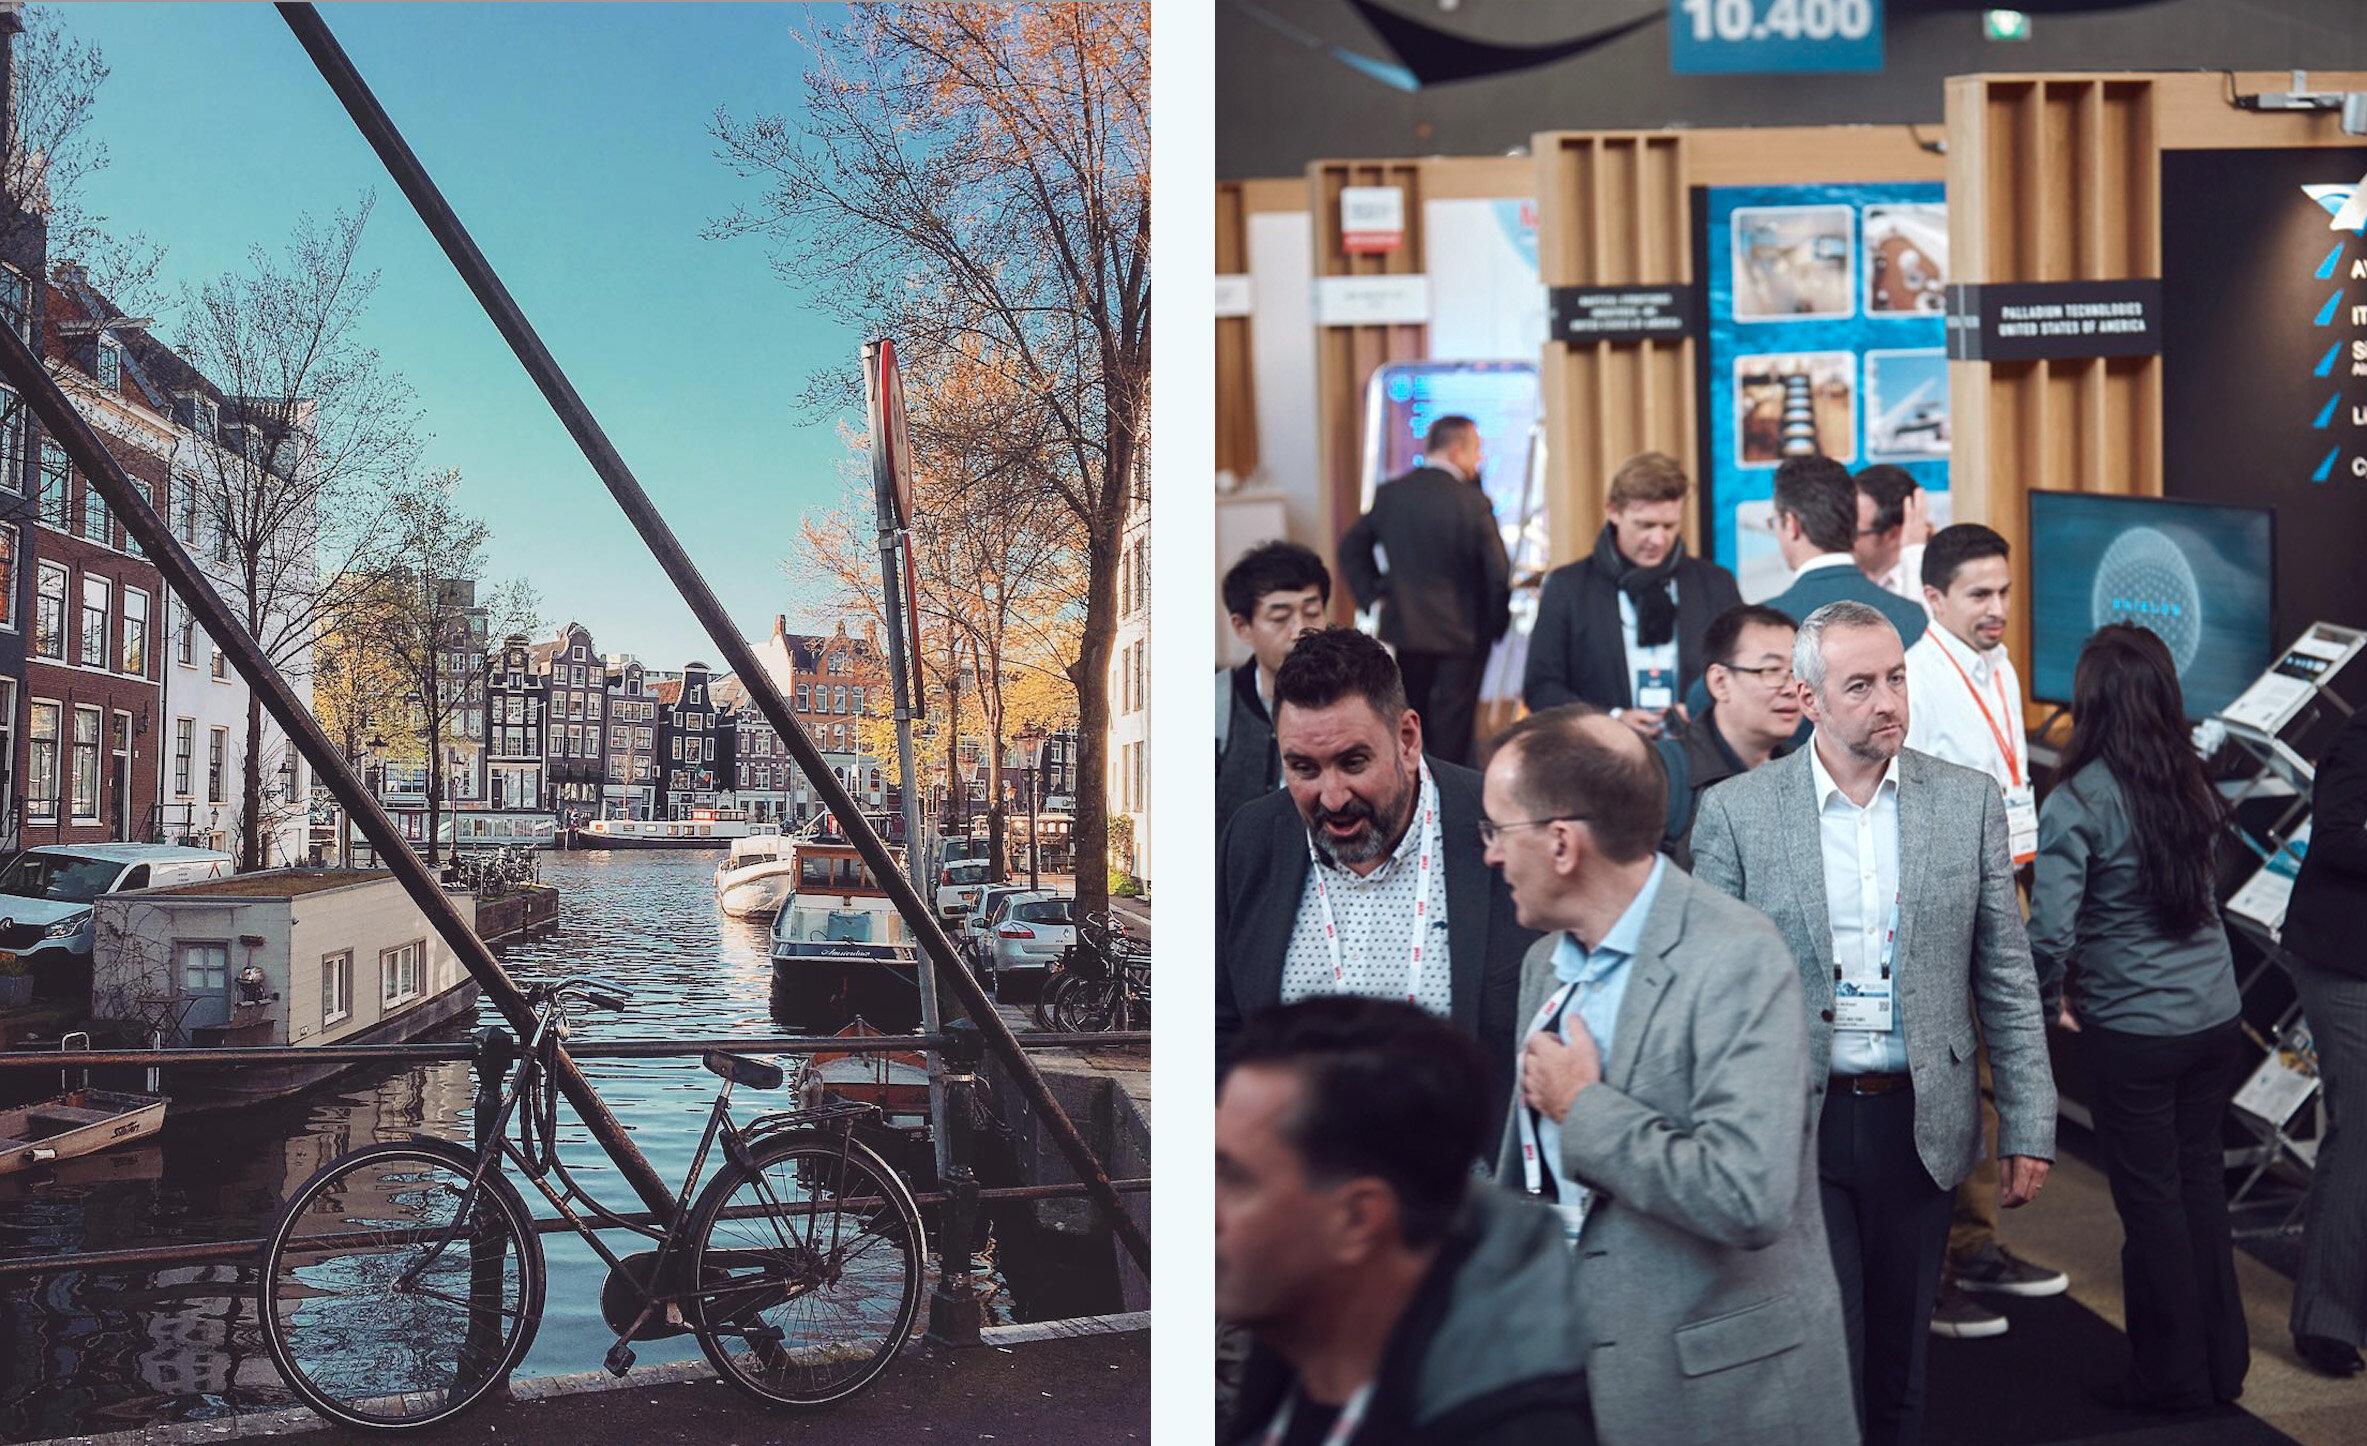 amsterdam-bike-combine.jpg